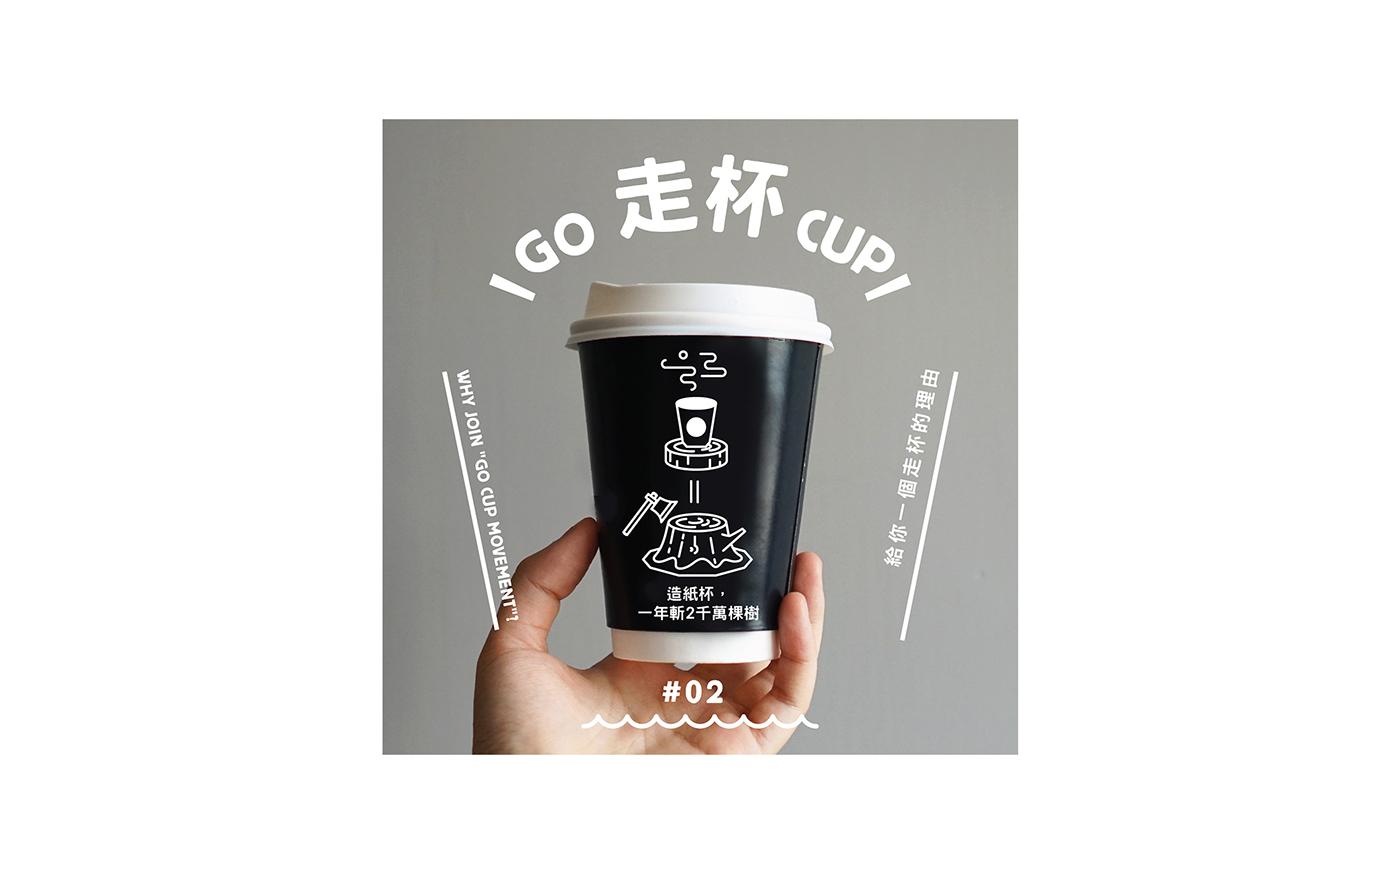 environmental protection cup cute Character green Exhibition  visual identity graphic Hong Kong NGO